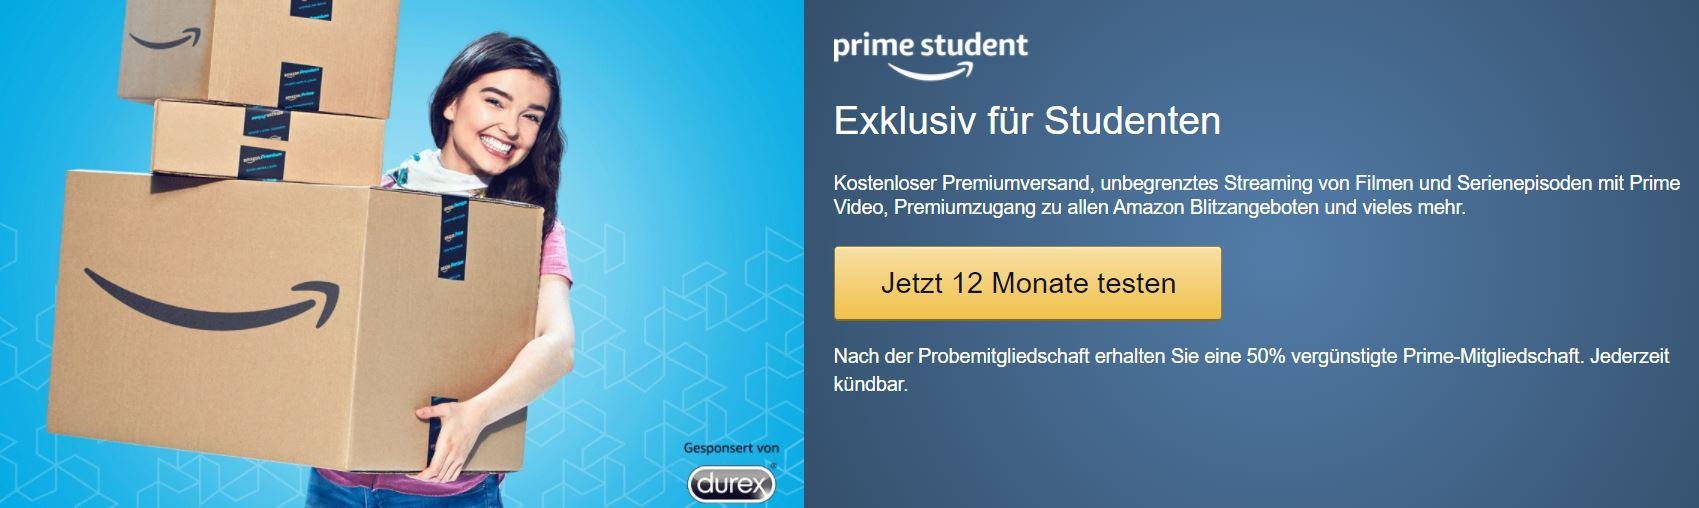 Amazon Prime Für Studenten Umsonst